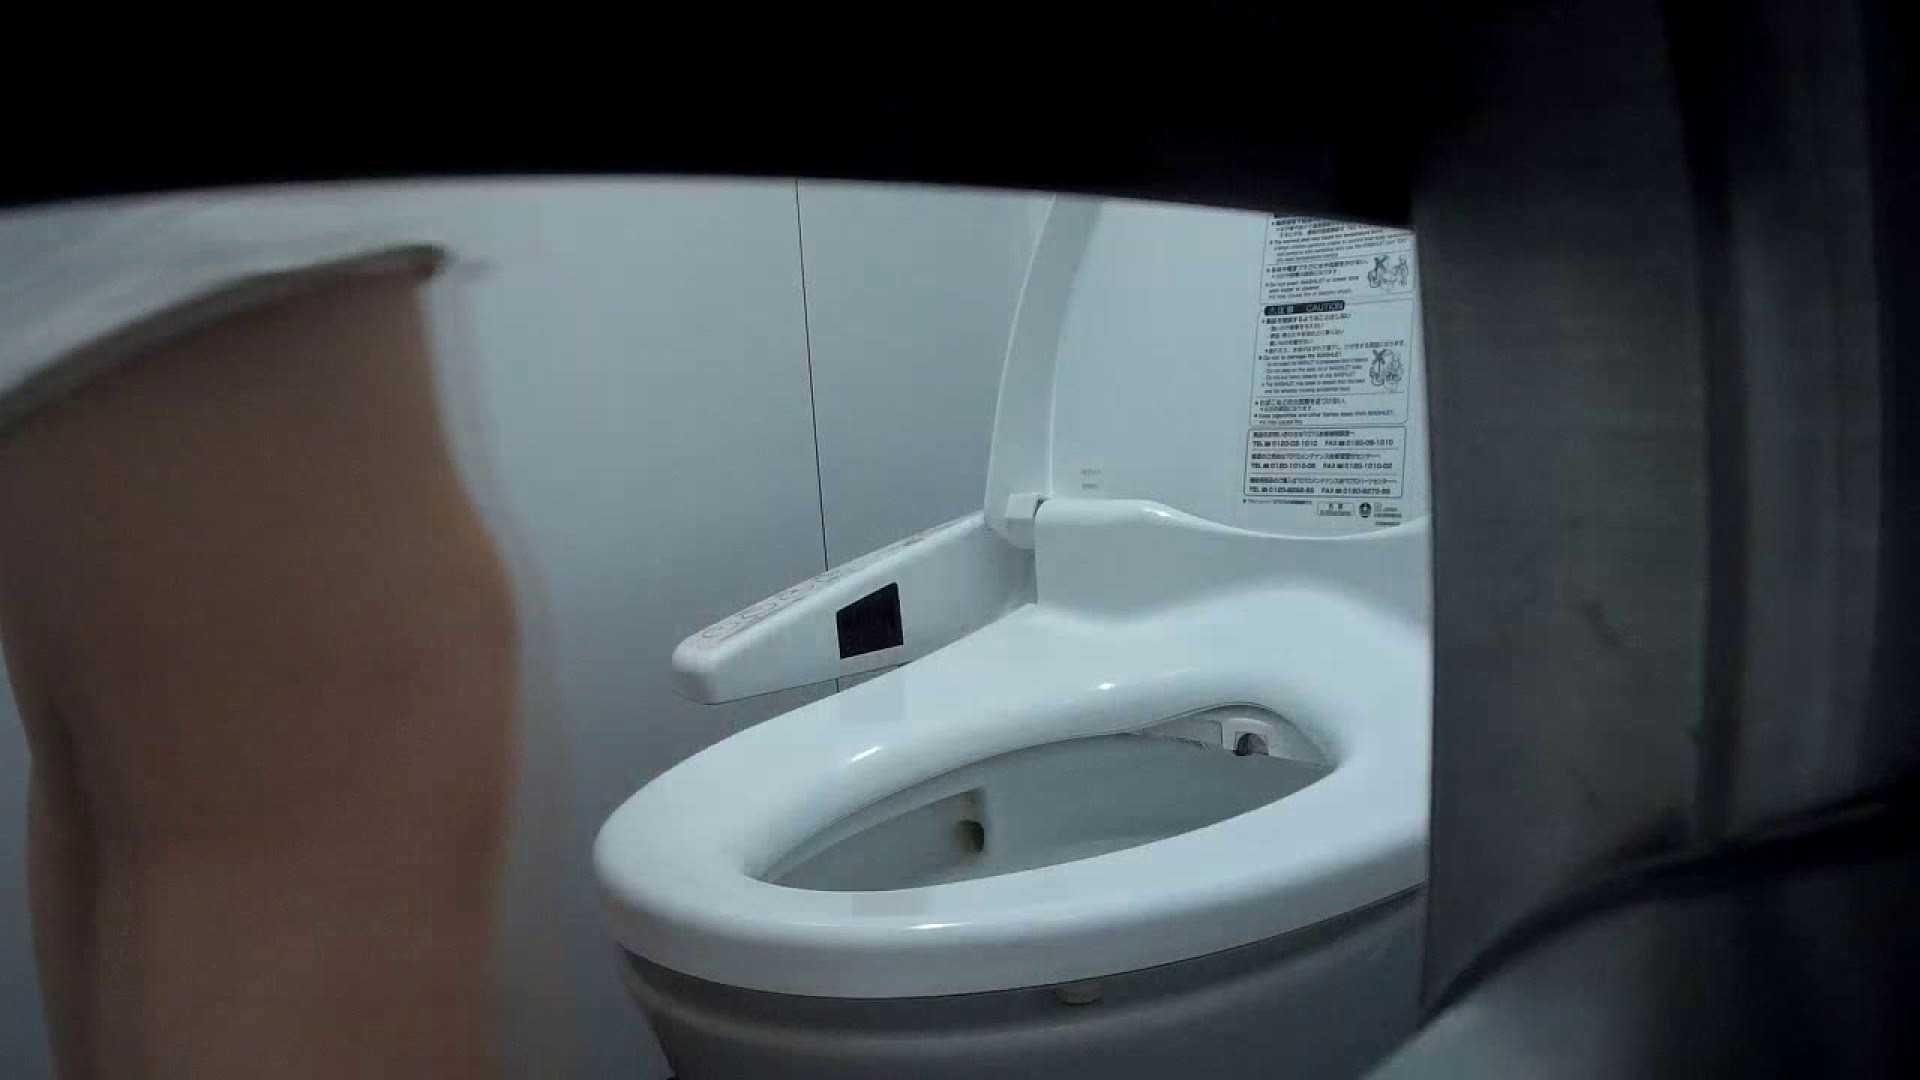 有名大学女性洗面所 vol.43 いつみても神秘的な世界です。 和式トイレ 濡れ場動画紹介 103pic 79